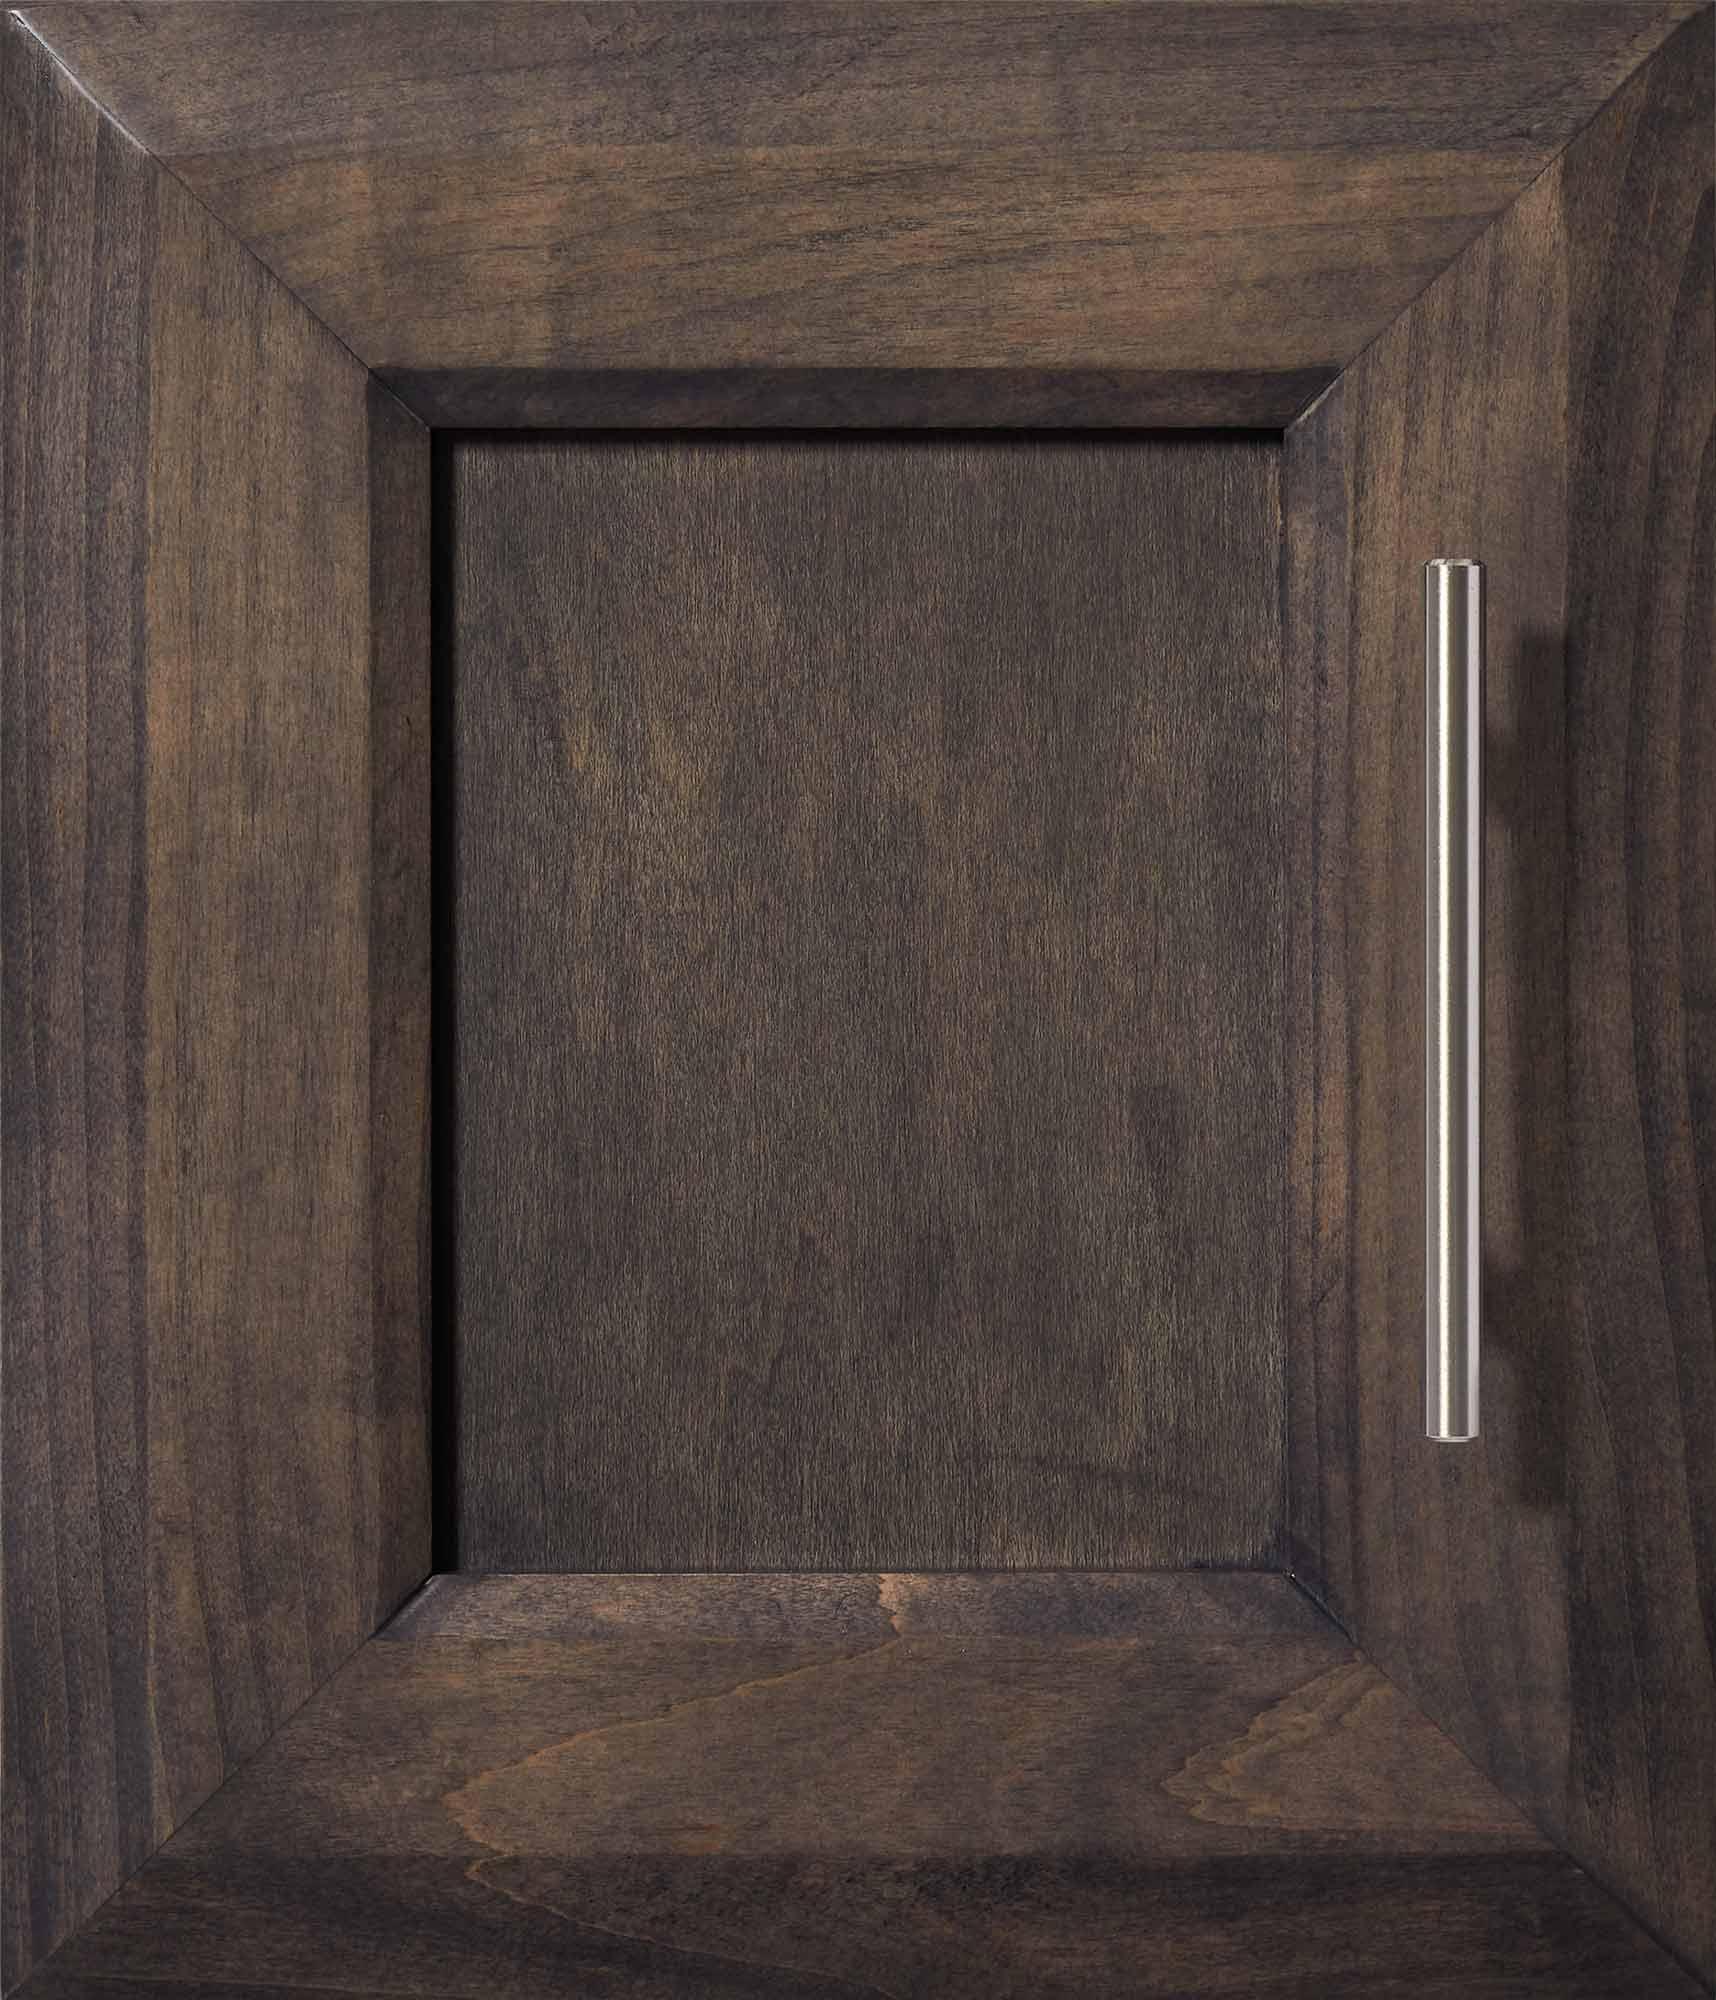 Regatta Cabinetry